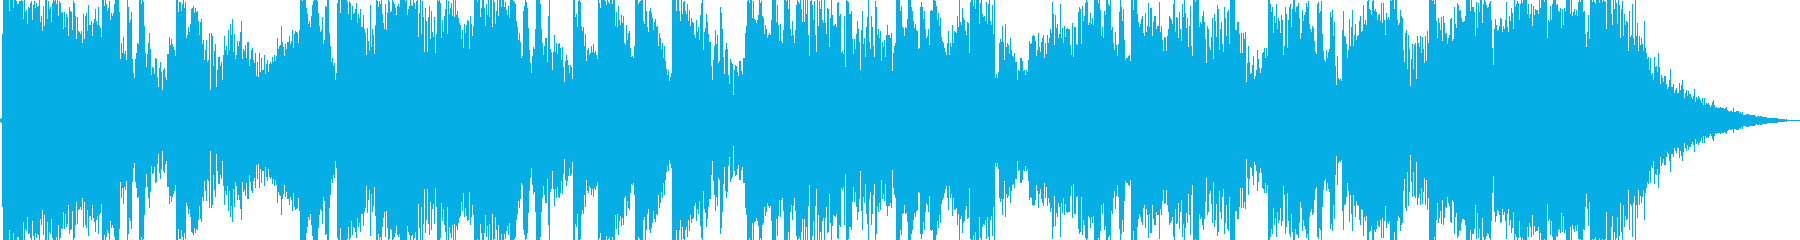 15秒のダブステップ・ストリングスの再生済みの波形